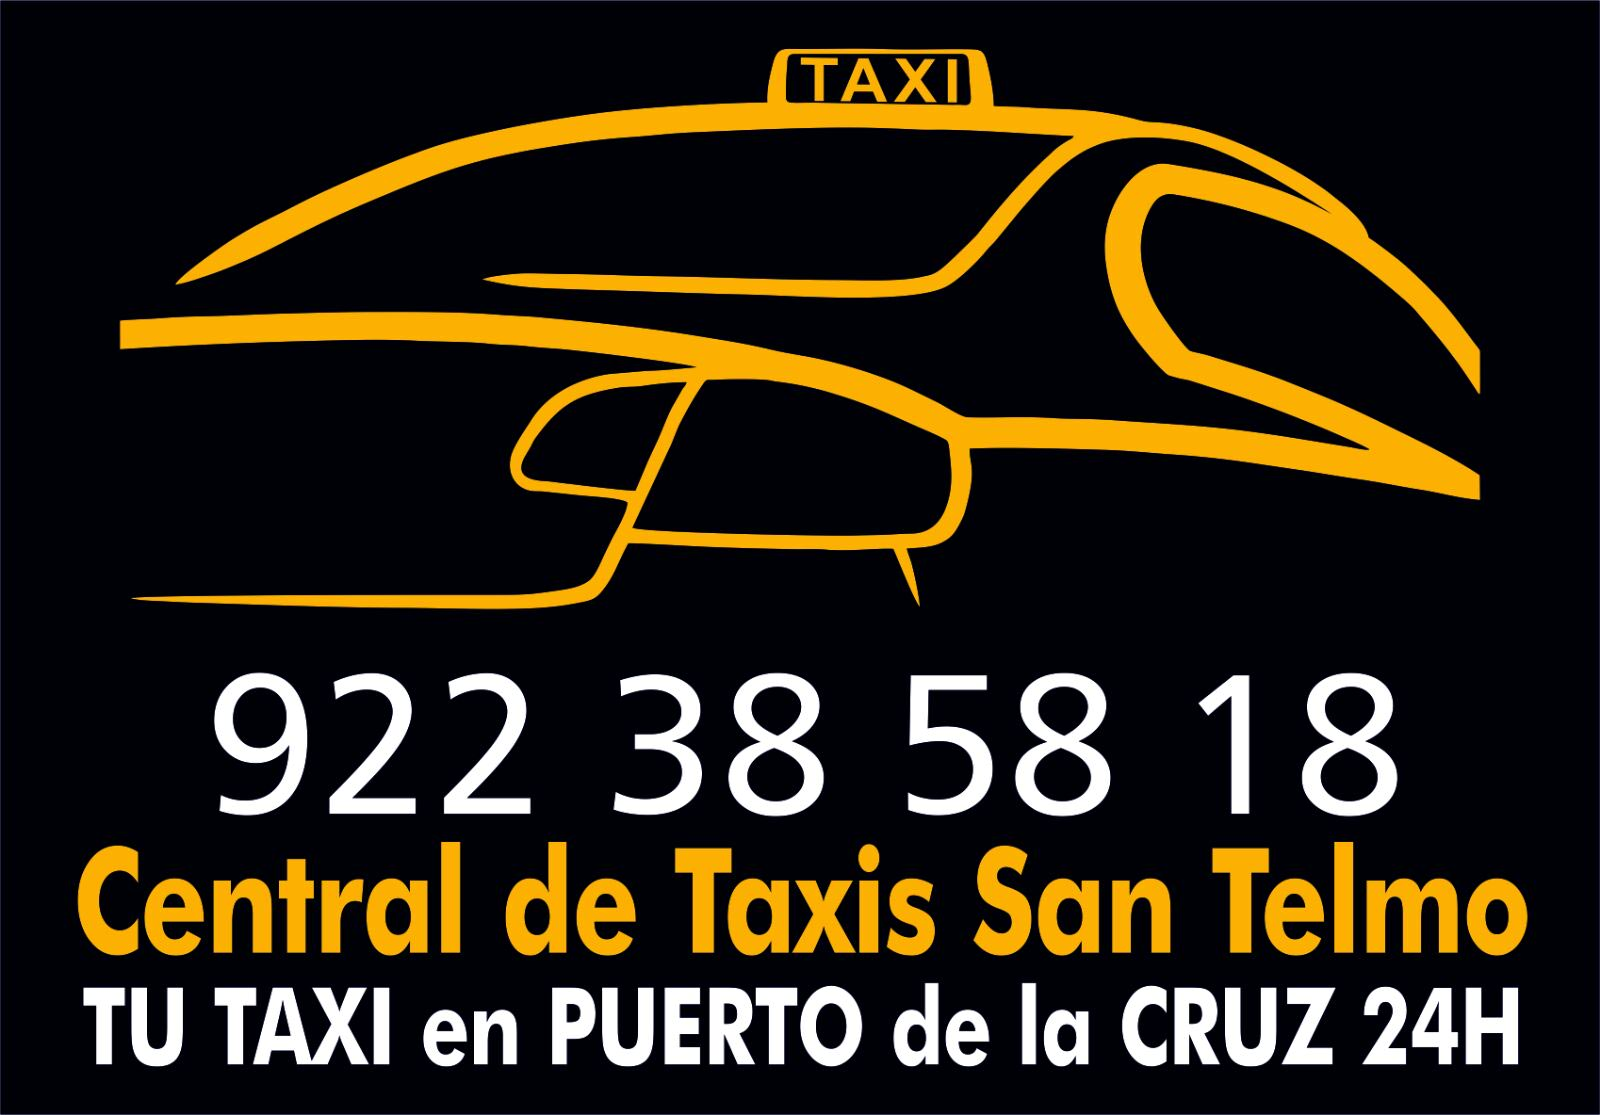 Central De Taxis San Telmo